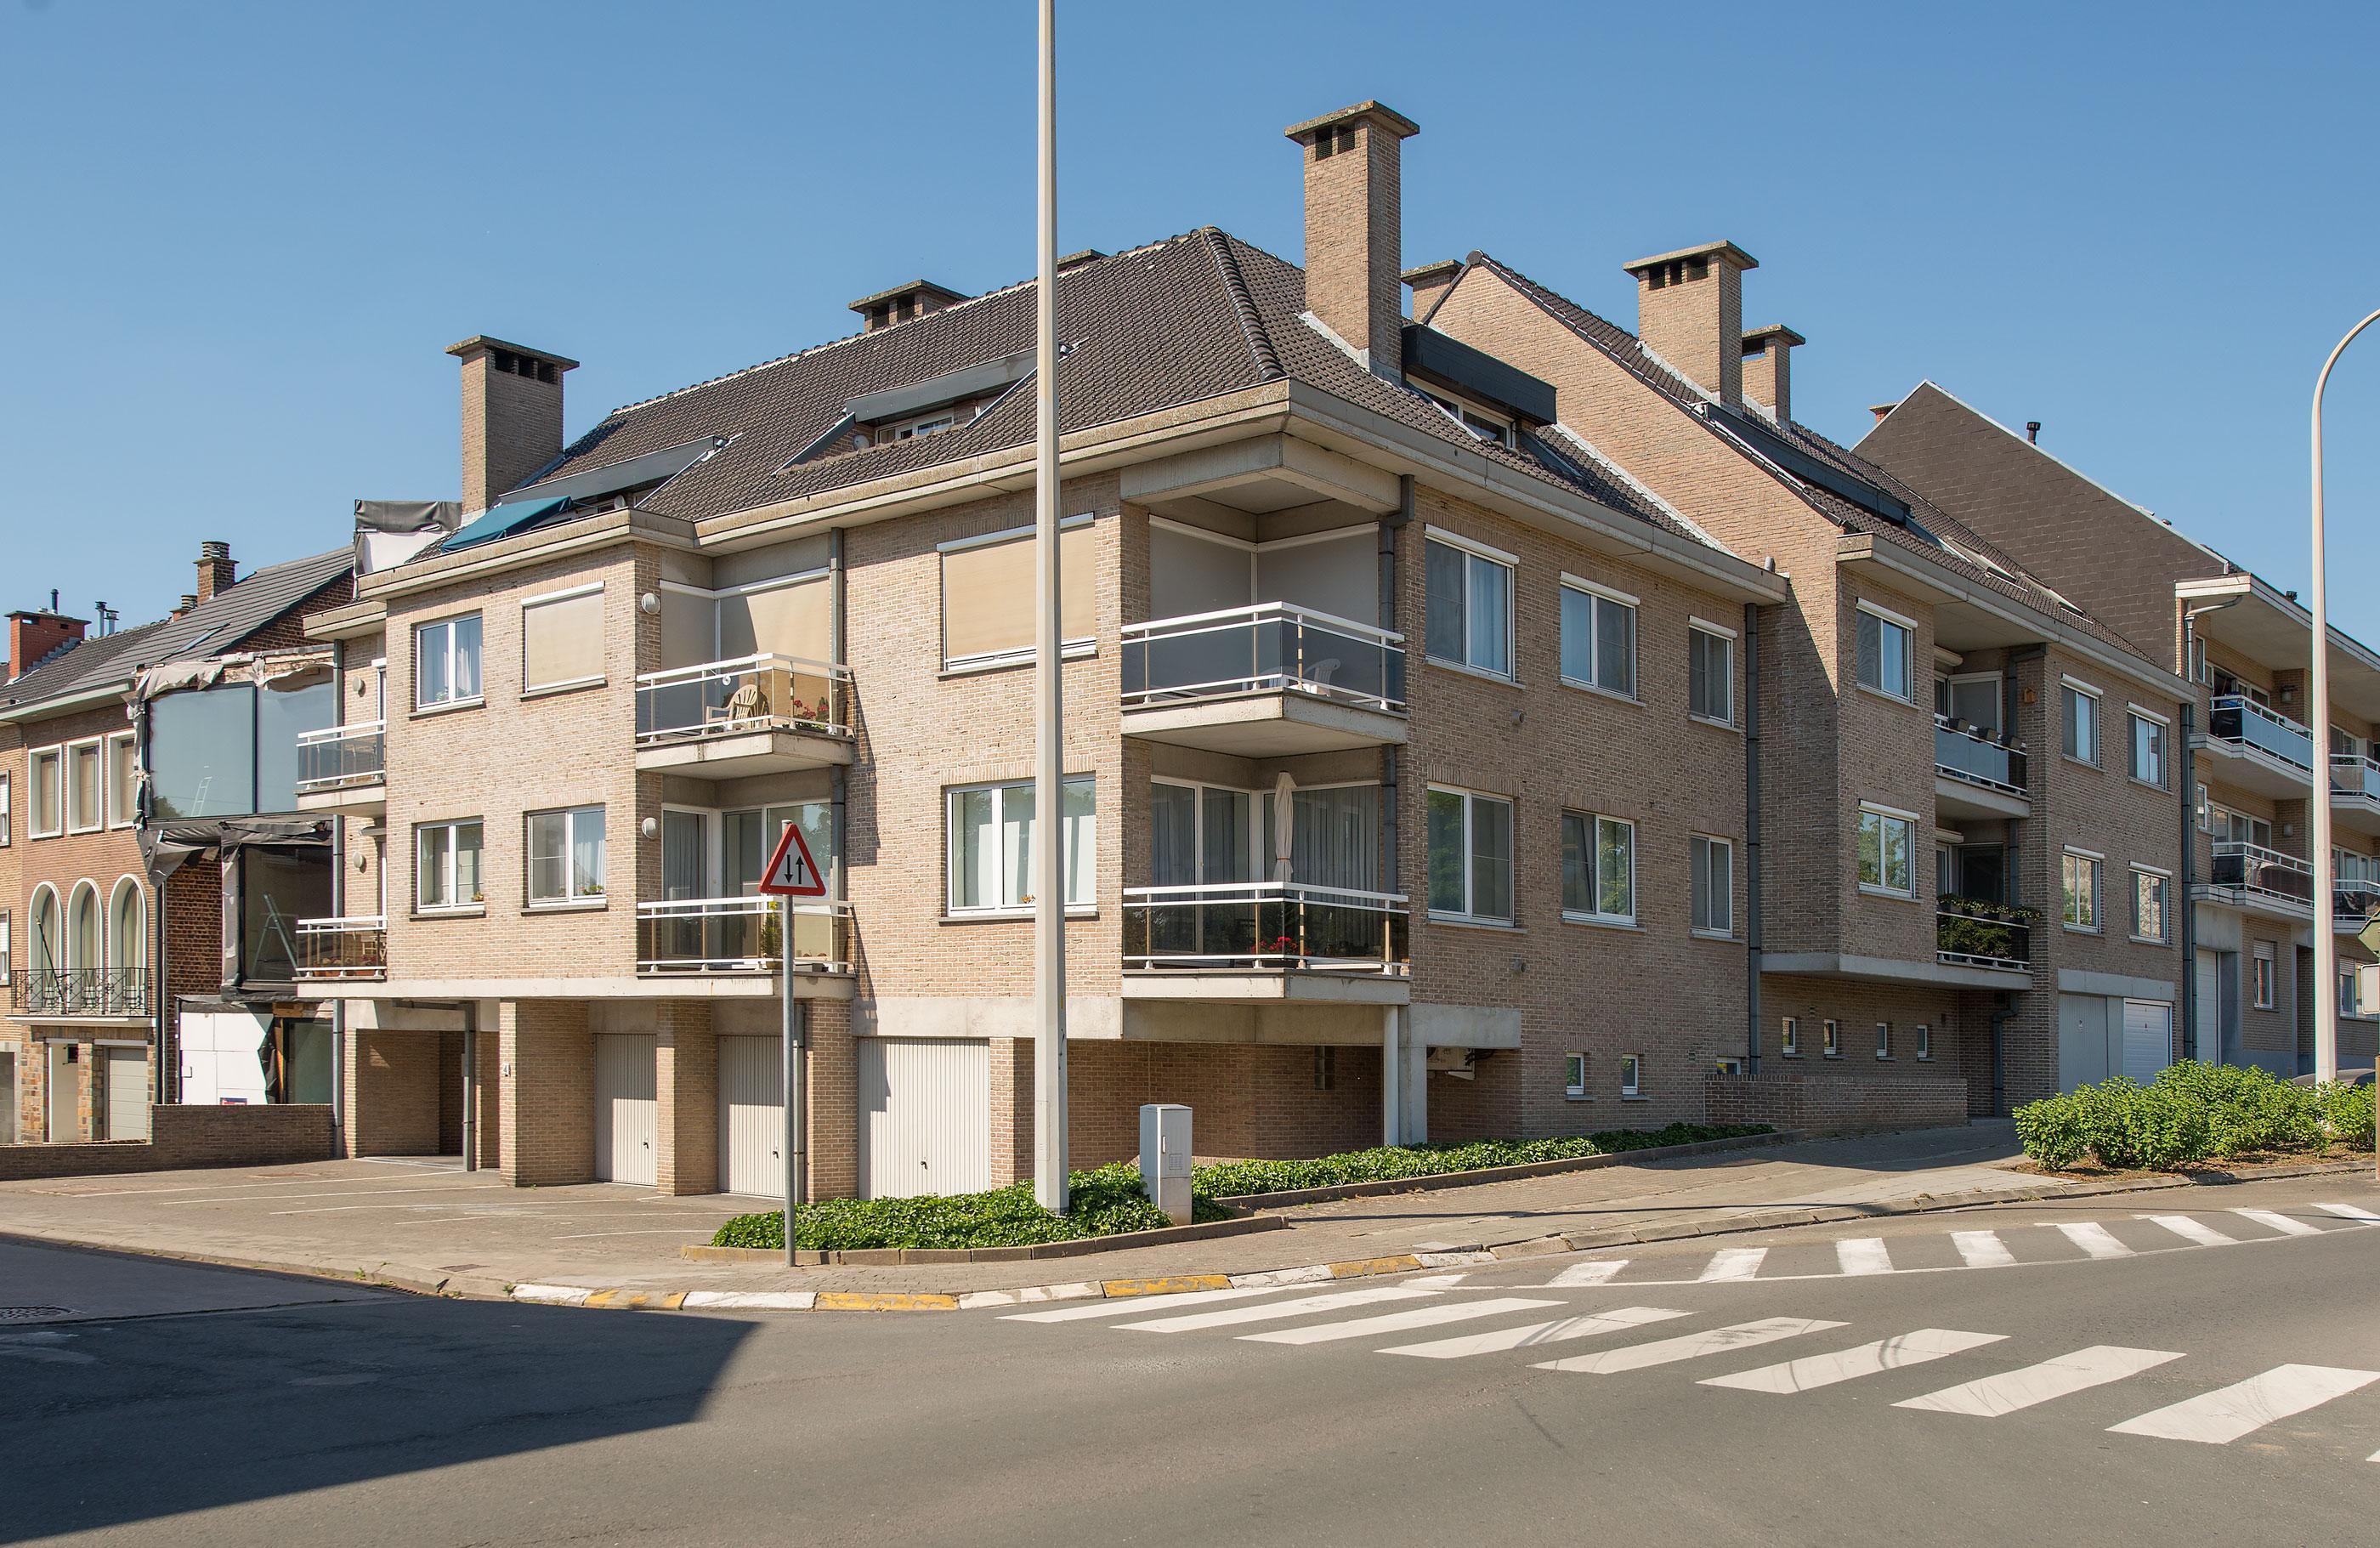 Villalaan 21, 1500 Halle